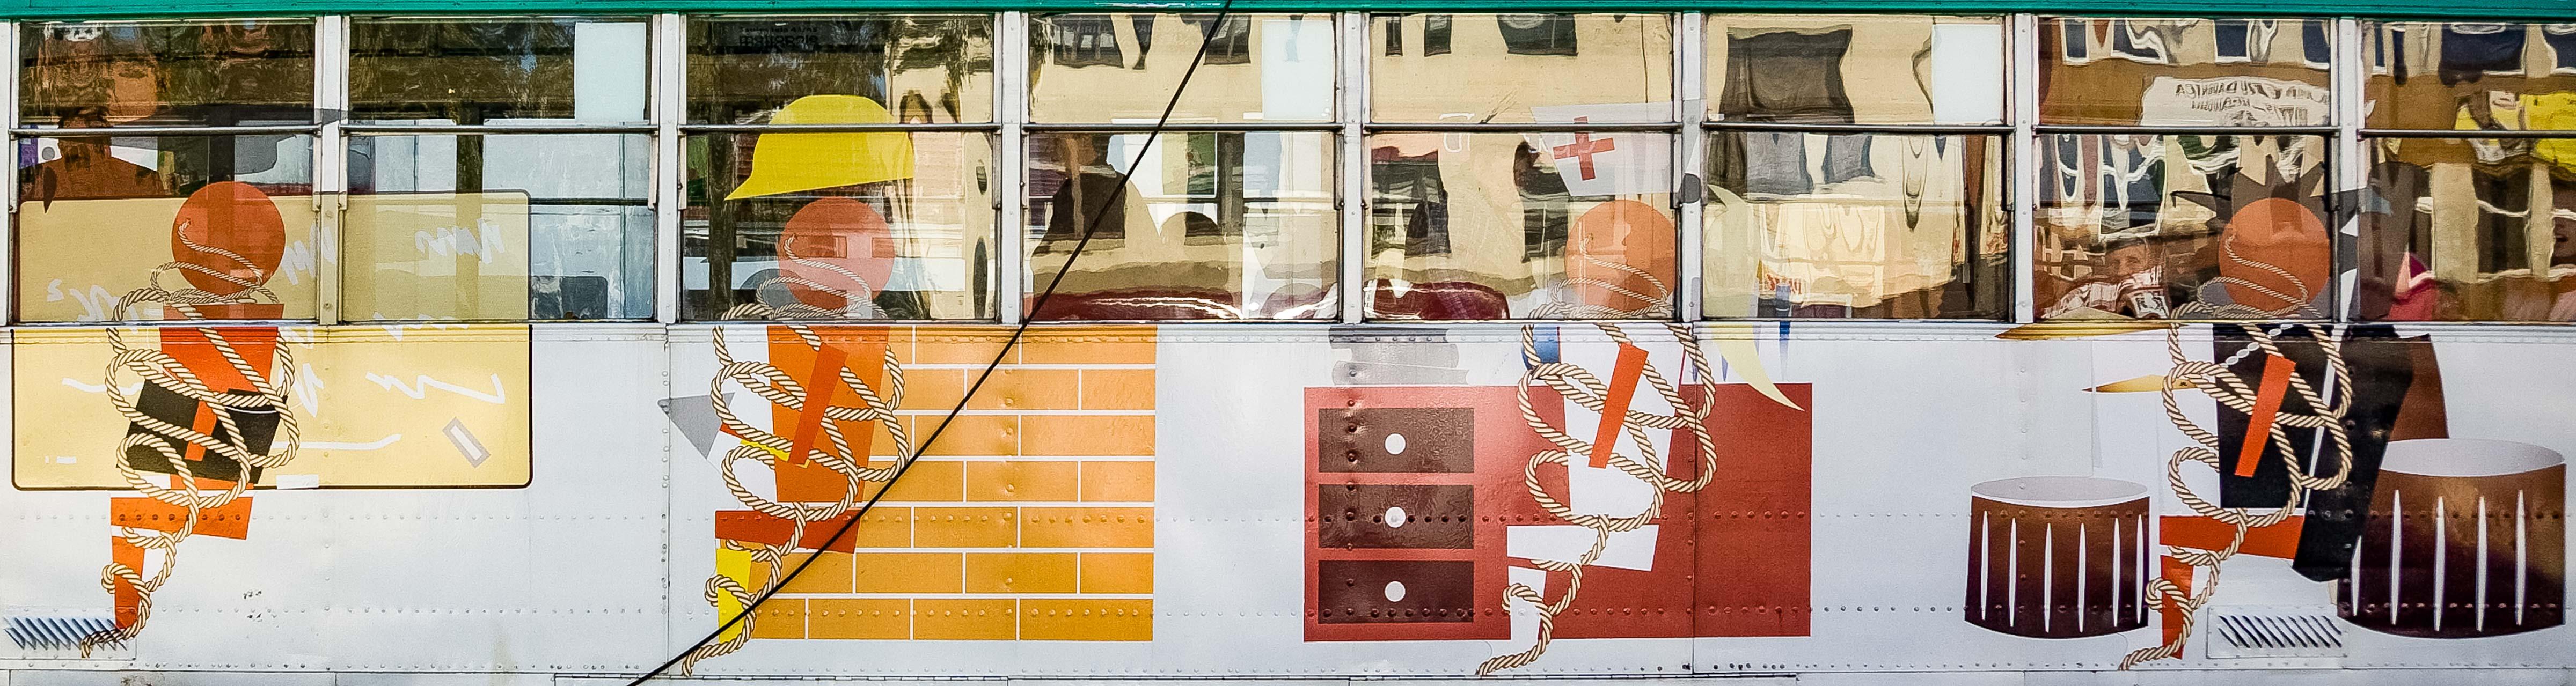 Latvia, Daugavpils City Prov, Bus, 2010, IMG_3225